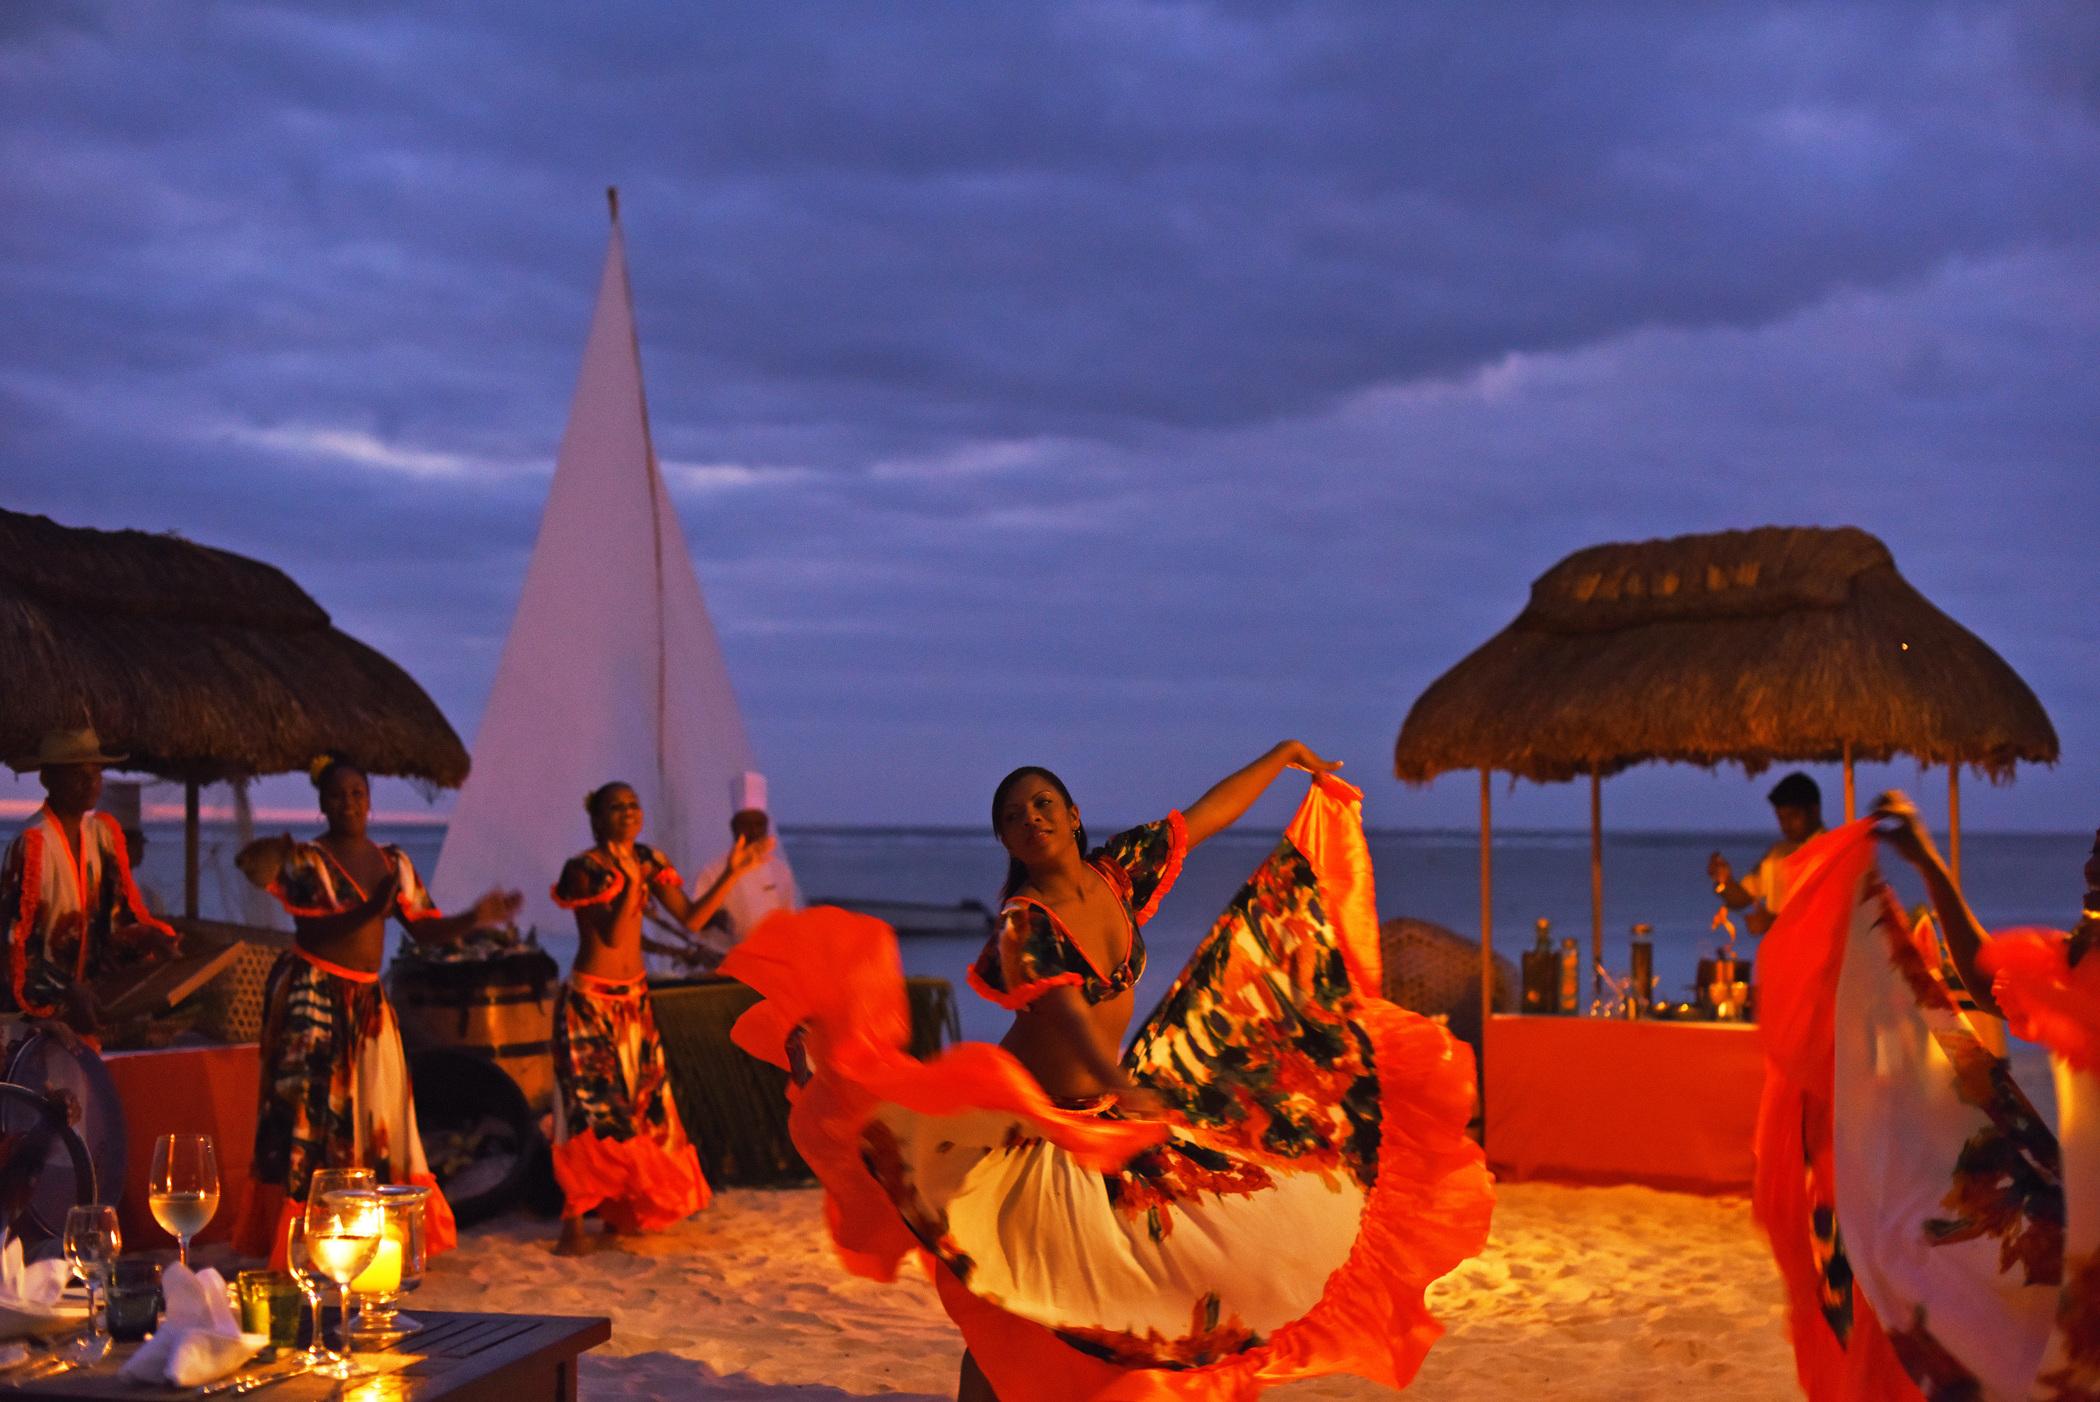 La_Pirogue_Fishermen_s_Night_5-2100x1402-1d12cf8a-507a-42d5-93f0-2c0131a53ebd.jpg